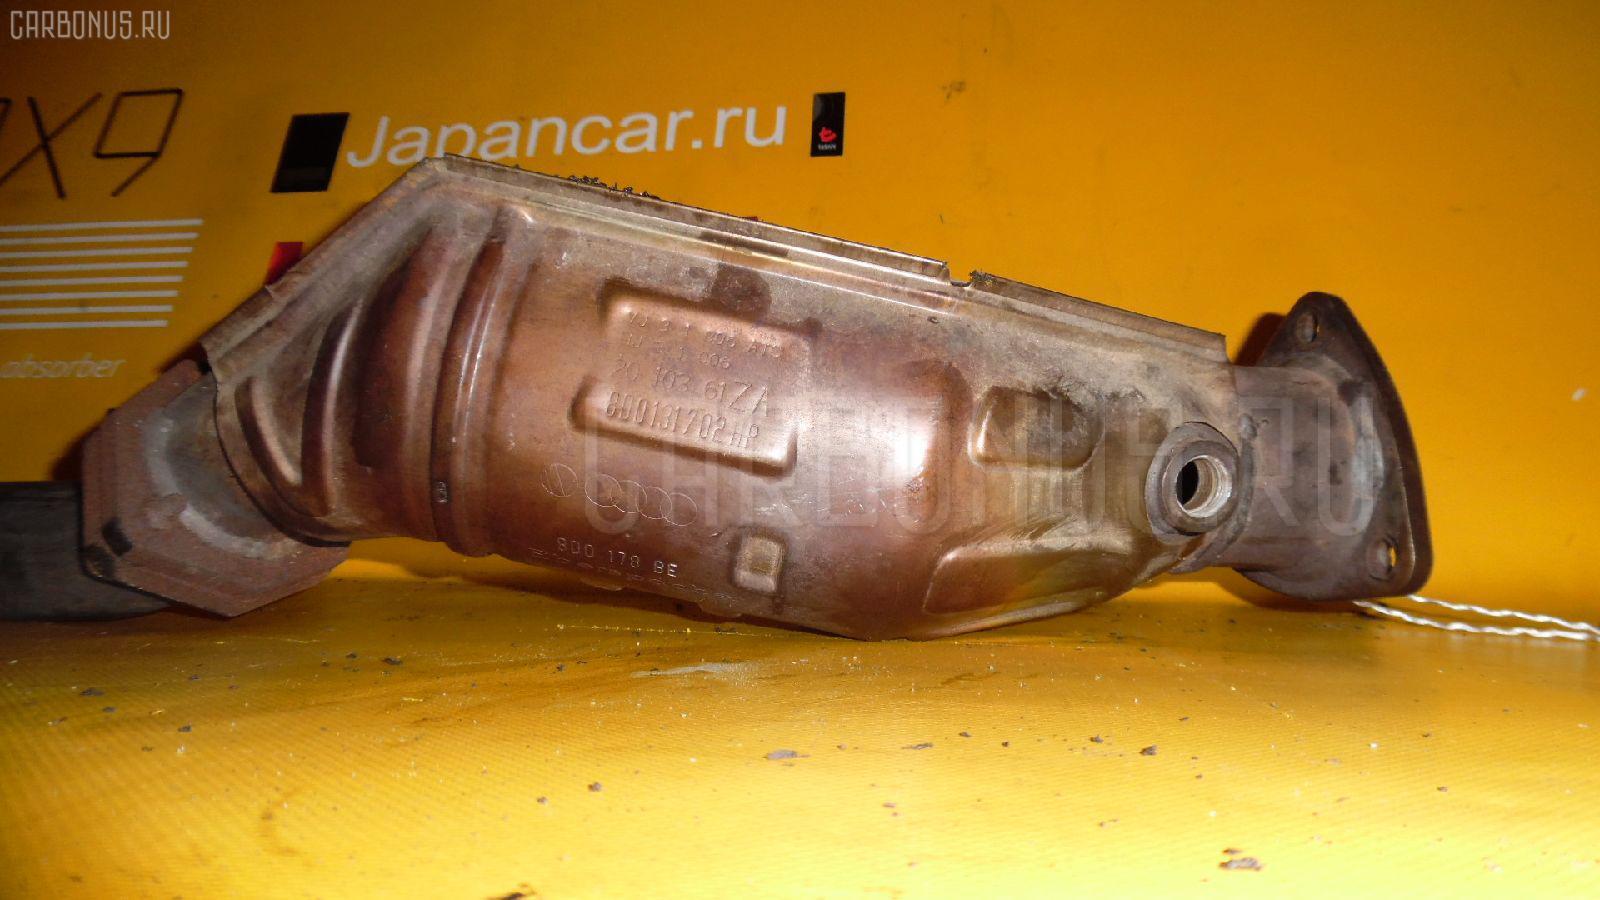 Катализатор AUDI A4 AVANT 8EAMBF AMB. Фото 1